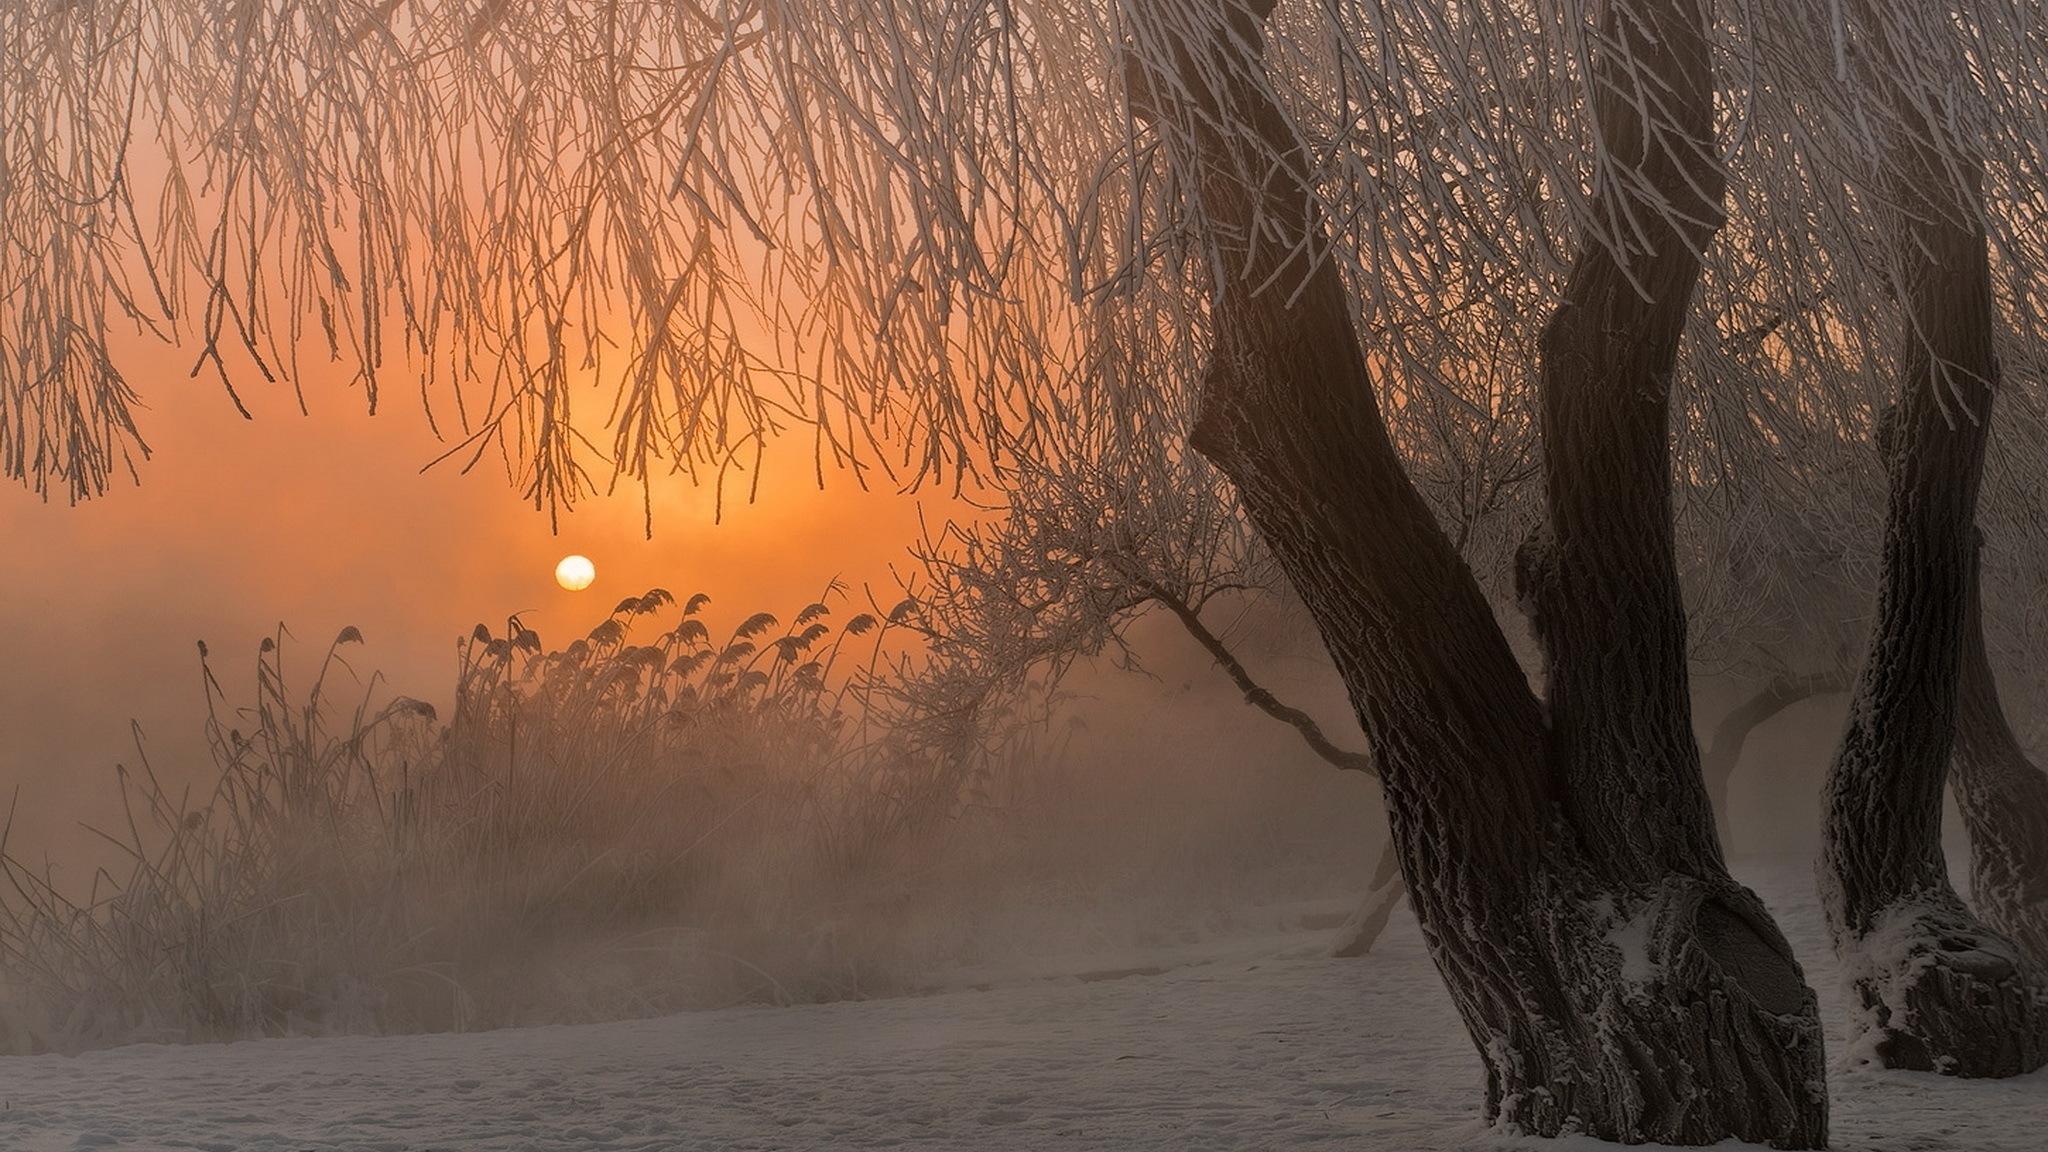 заснеженные деревья на закате в хорошем качестве